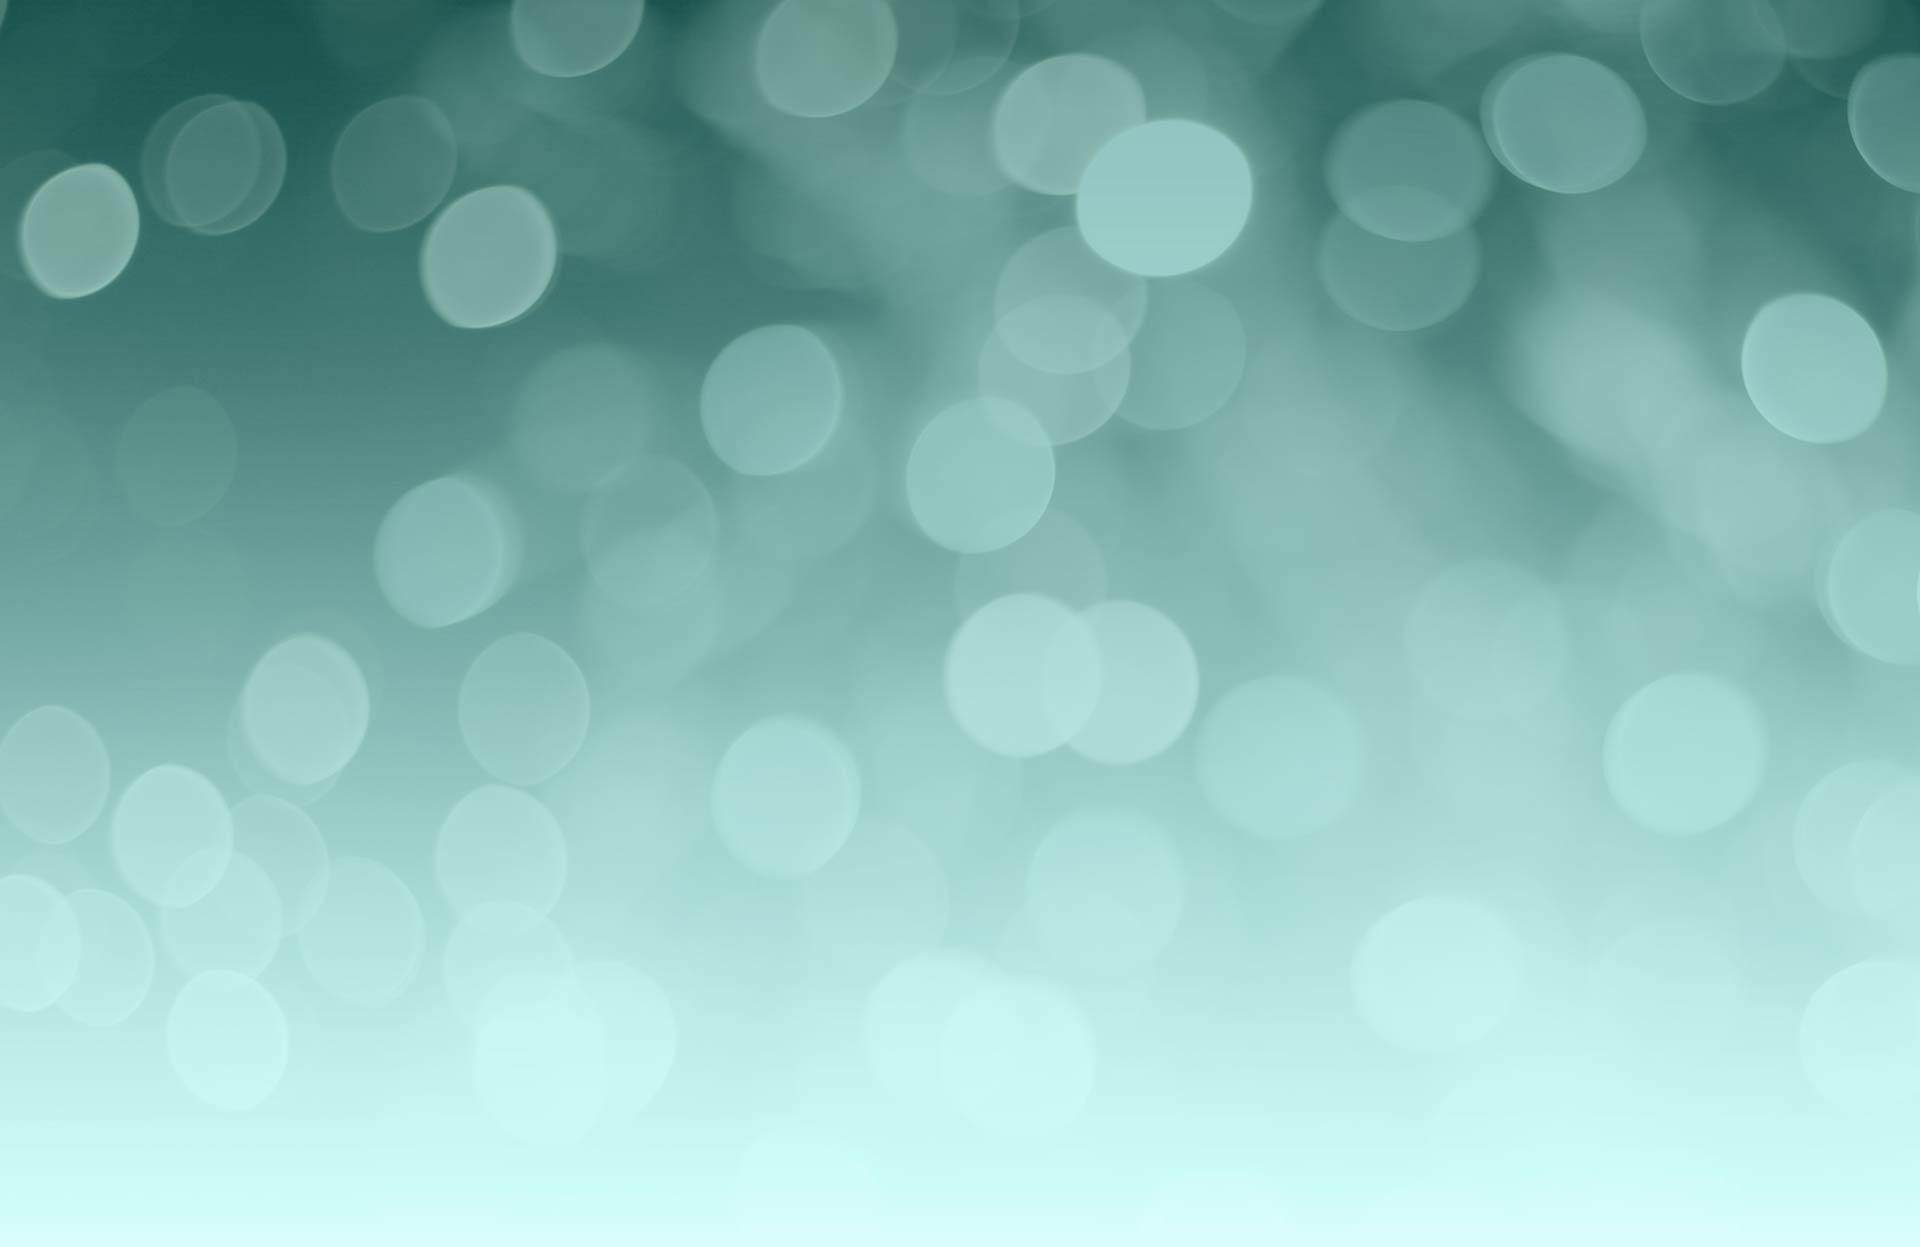 blur-background-1-1.jpg